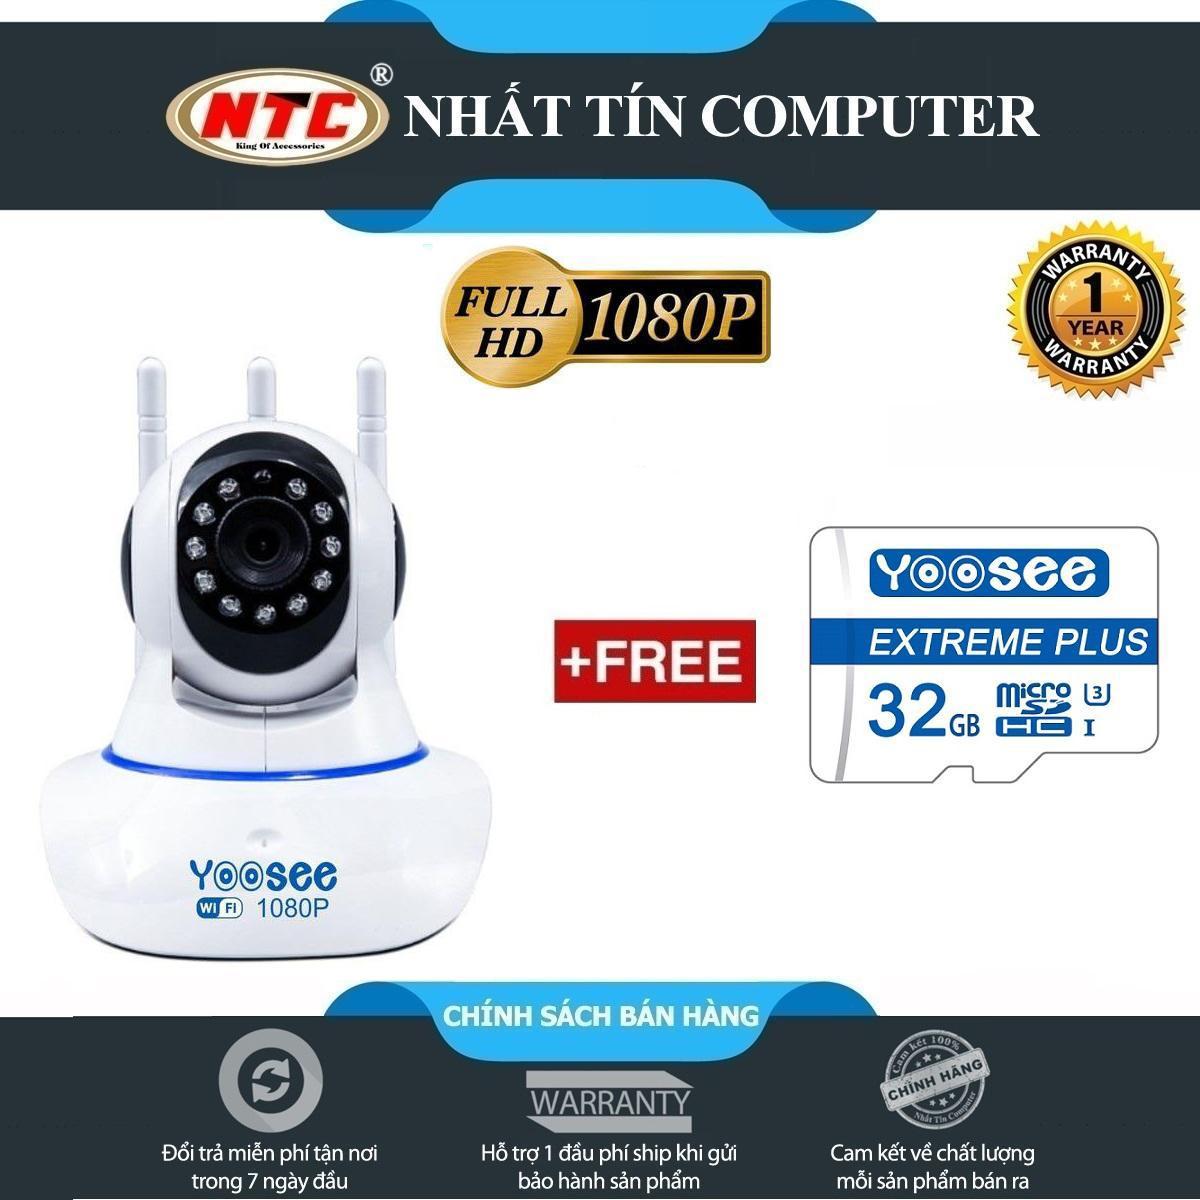 [HCM]Camera IP Wifi Yoosee 3 Râu 2.0M FullHD 1080P 10 đèn hồng ngoại đàm thoại 2 chiều (Trắng) - Kèm thẻ nhớ Yoosee/NTC 32GB - Nhất Tín Computer